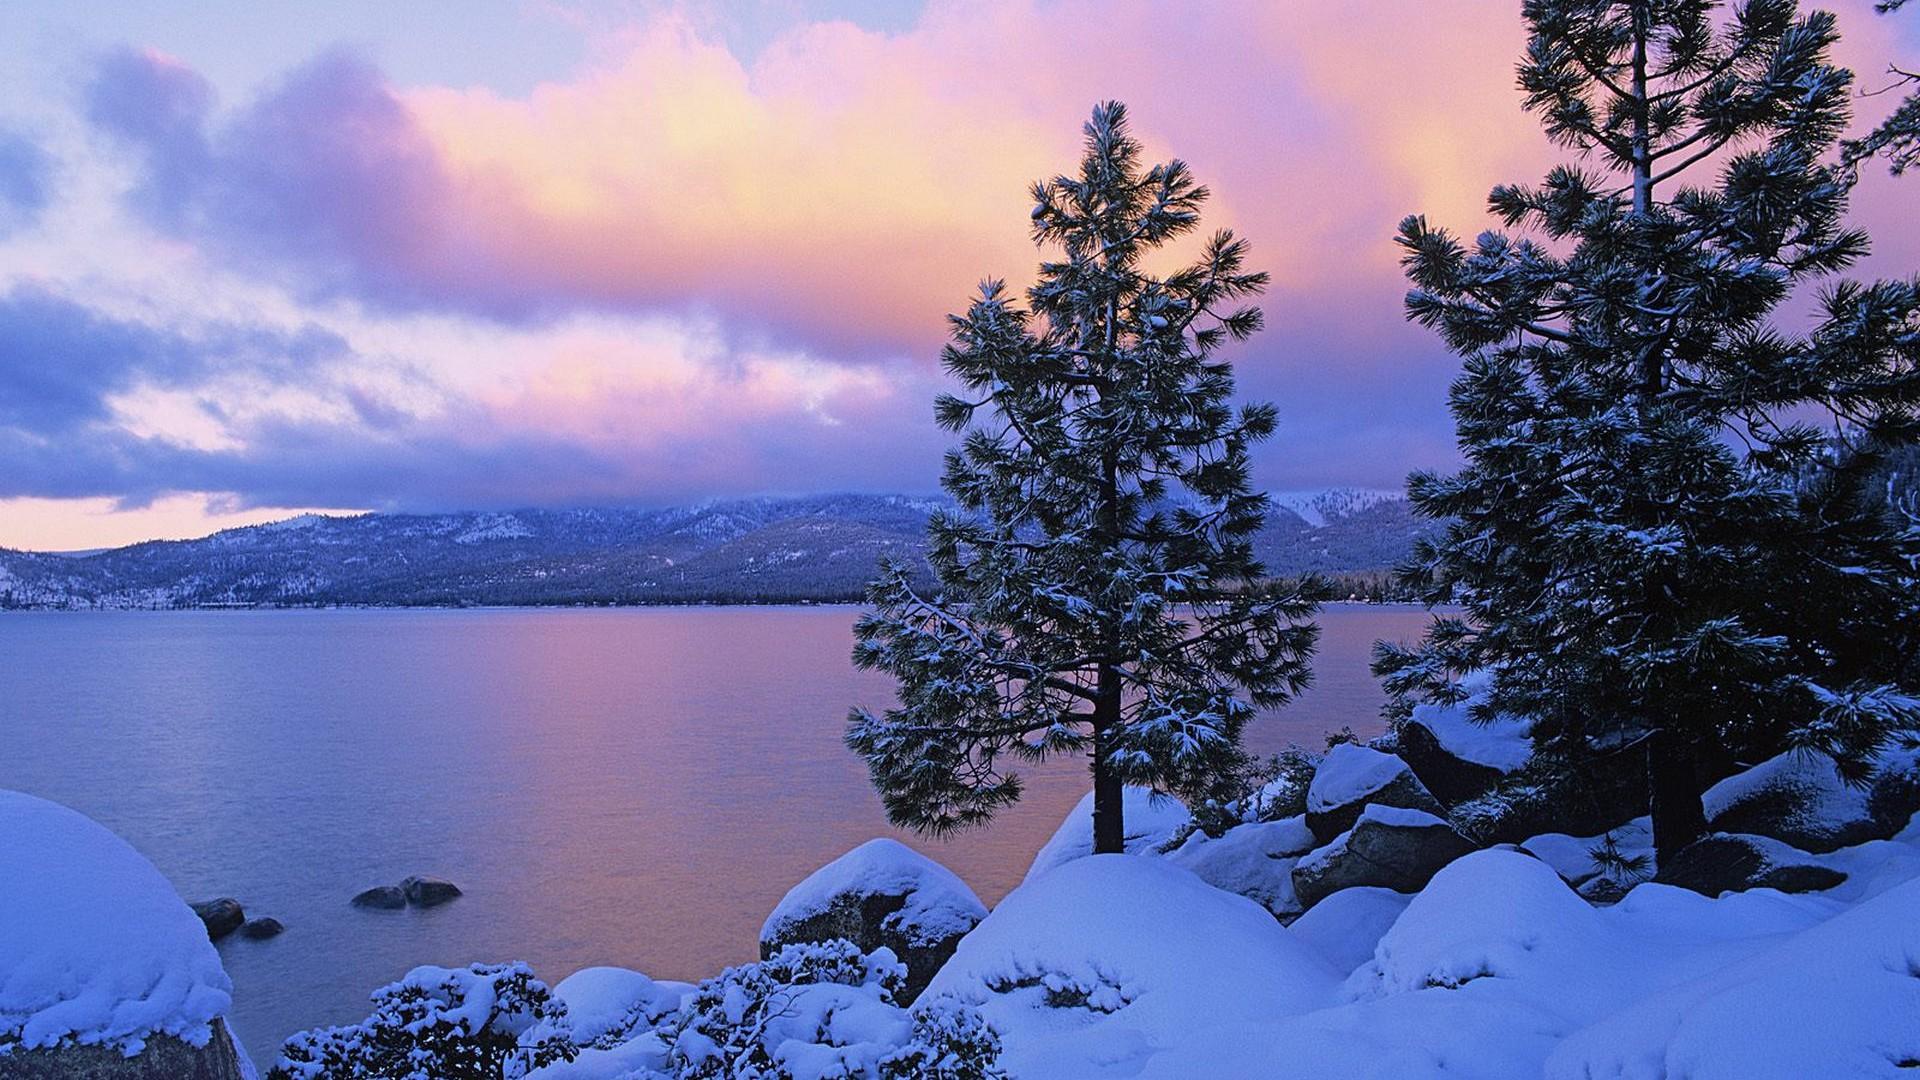 冬天雪景壁纸 日本京都冬天雪景竹林风景桌面壁纸